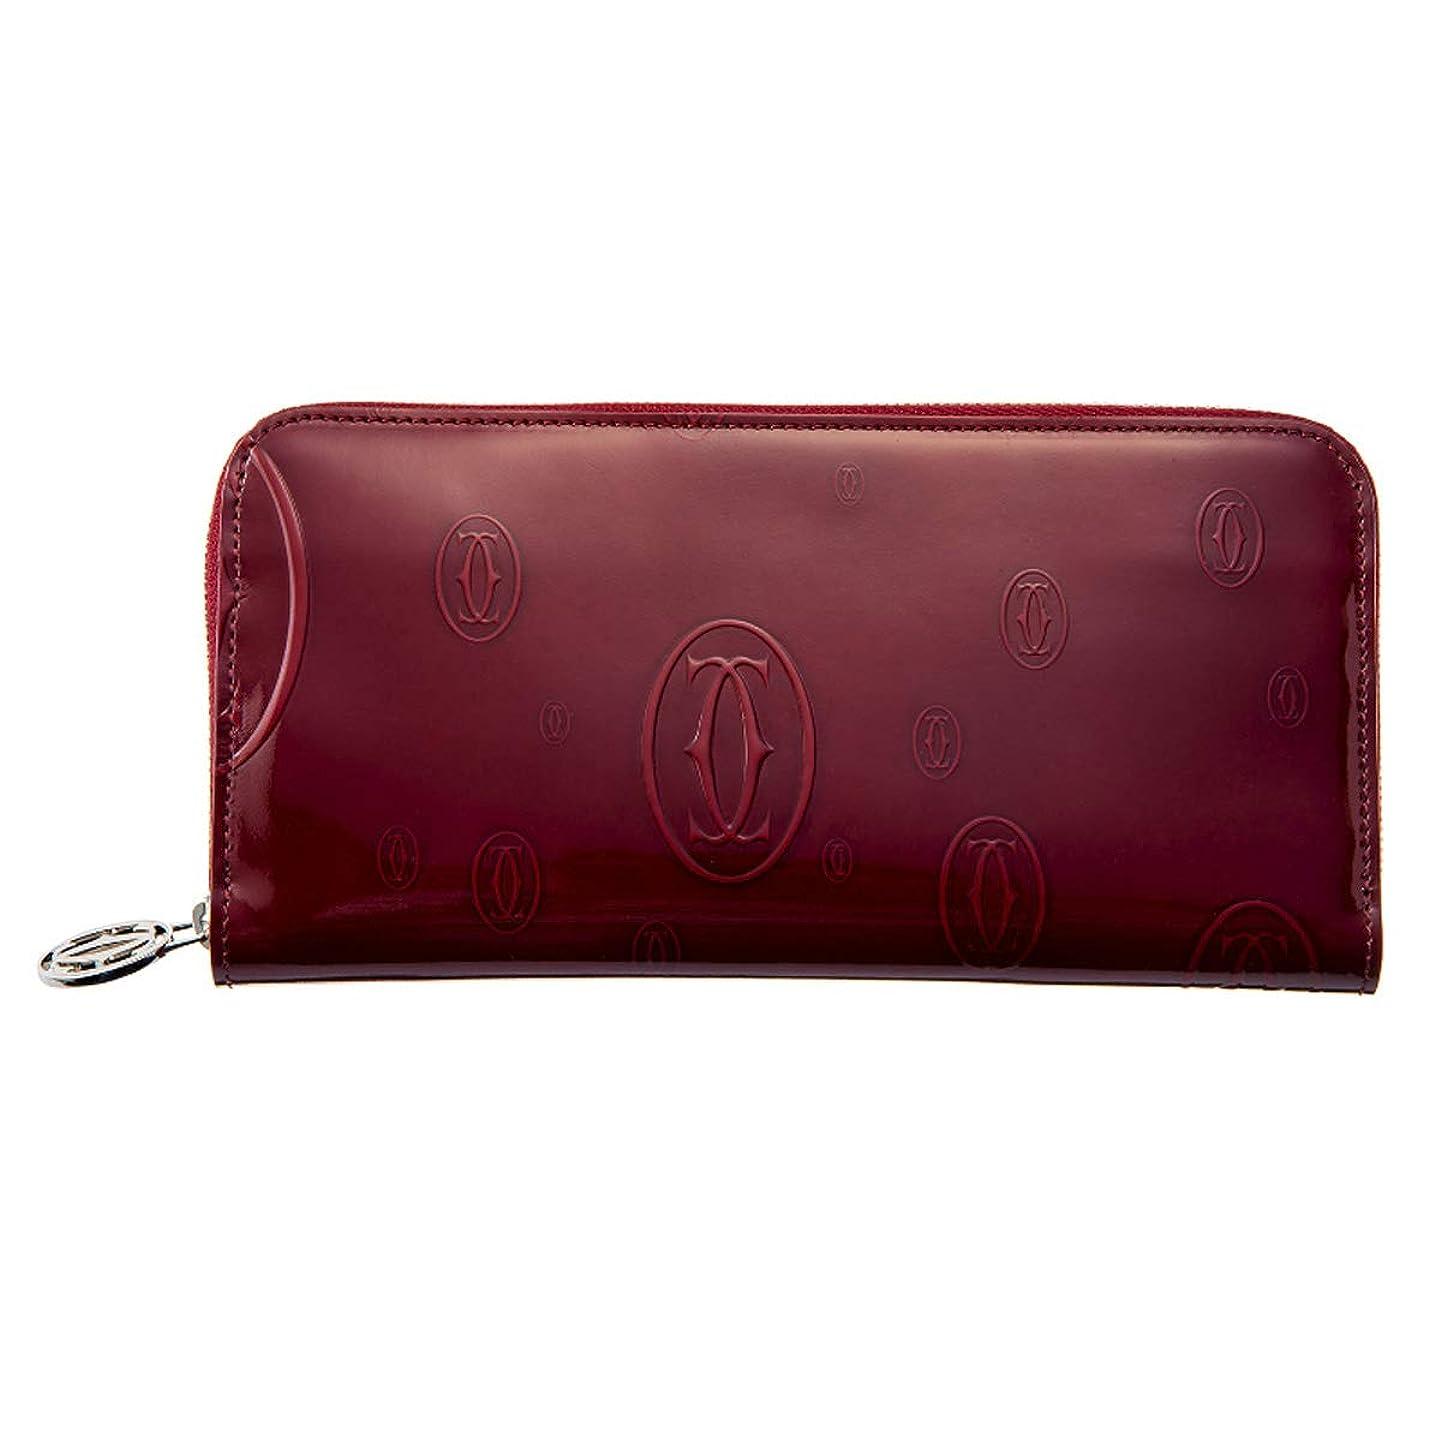 持続する生理地下鉄[カルティエ] 財布 長財布 ラウンドファスナー L3001283 zipped international wallet HAPPY BIRTHDAY 2C Bordeaux ボルドー シルバー [並行輸入品]